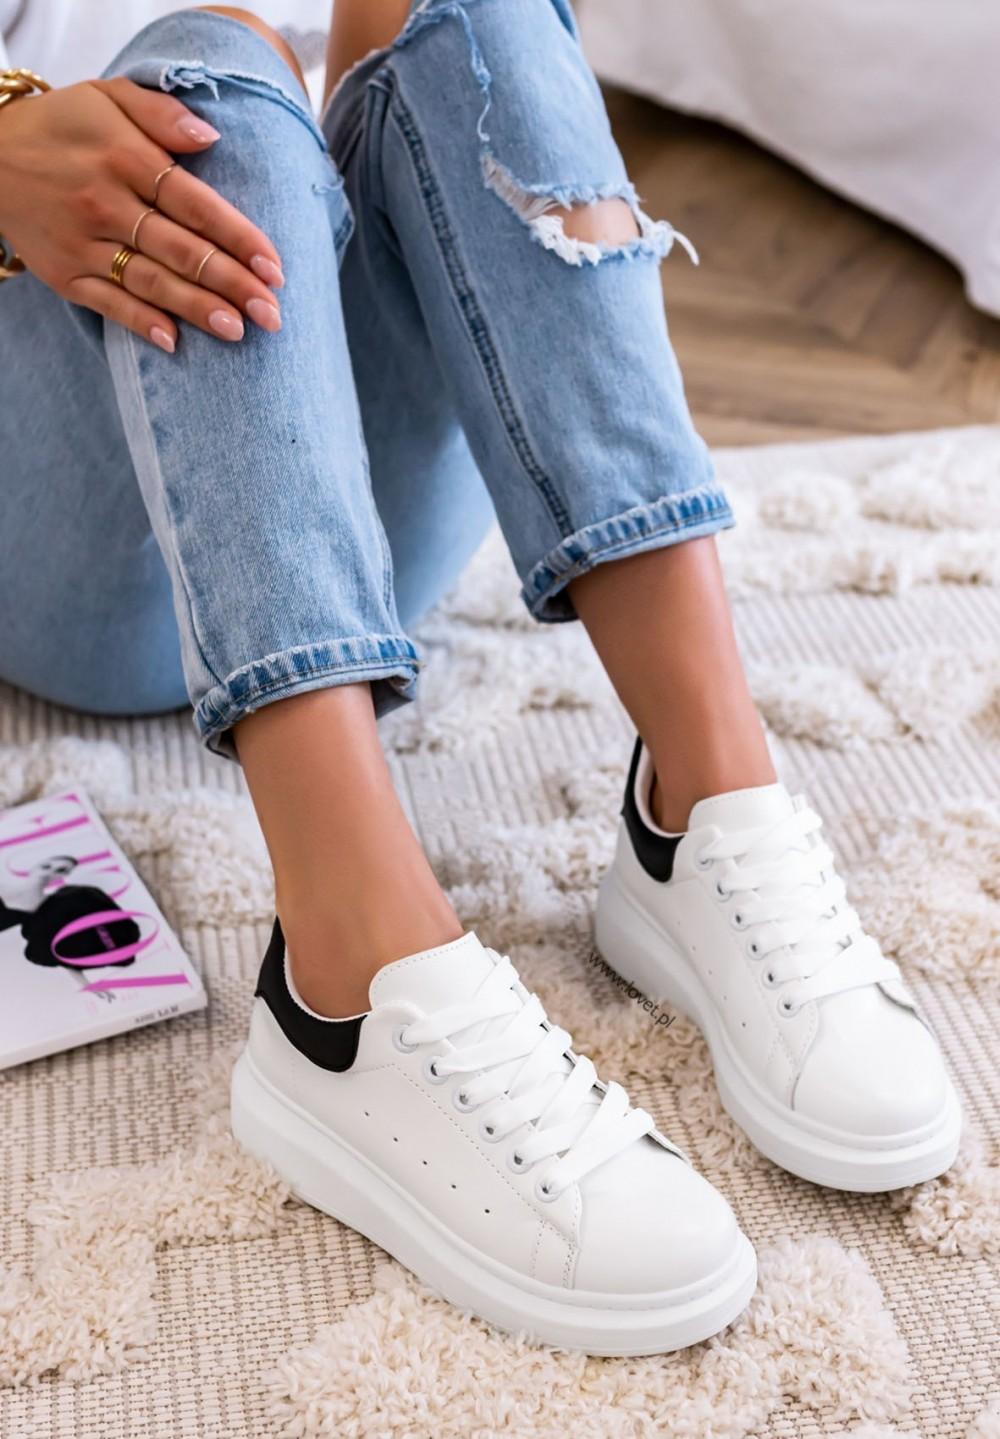 Trampki Sneakersy Biało Czarne Paddy Two